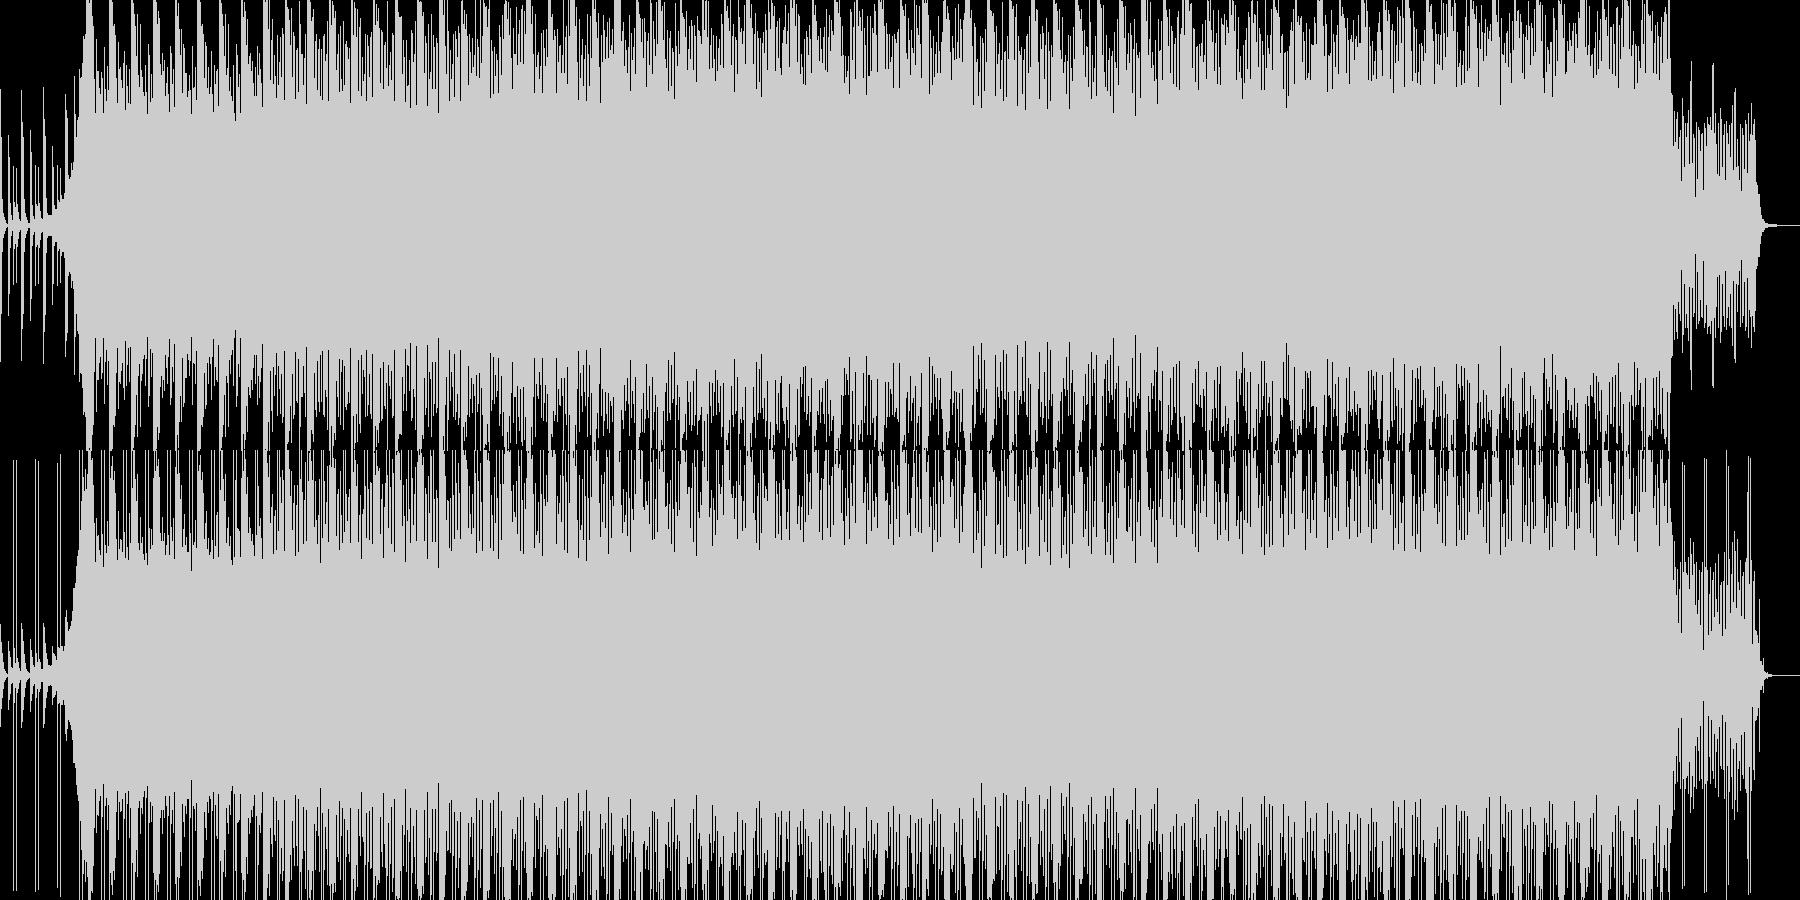 ニュース映像ナレーションバック向け-23の未再生の波形